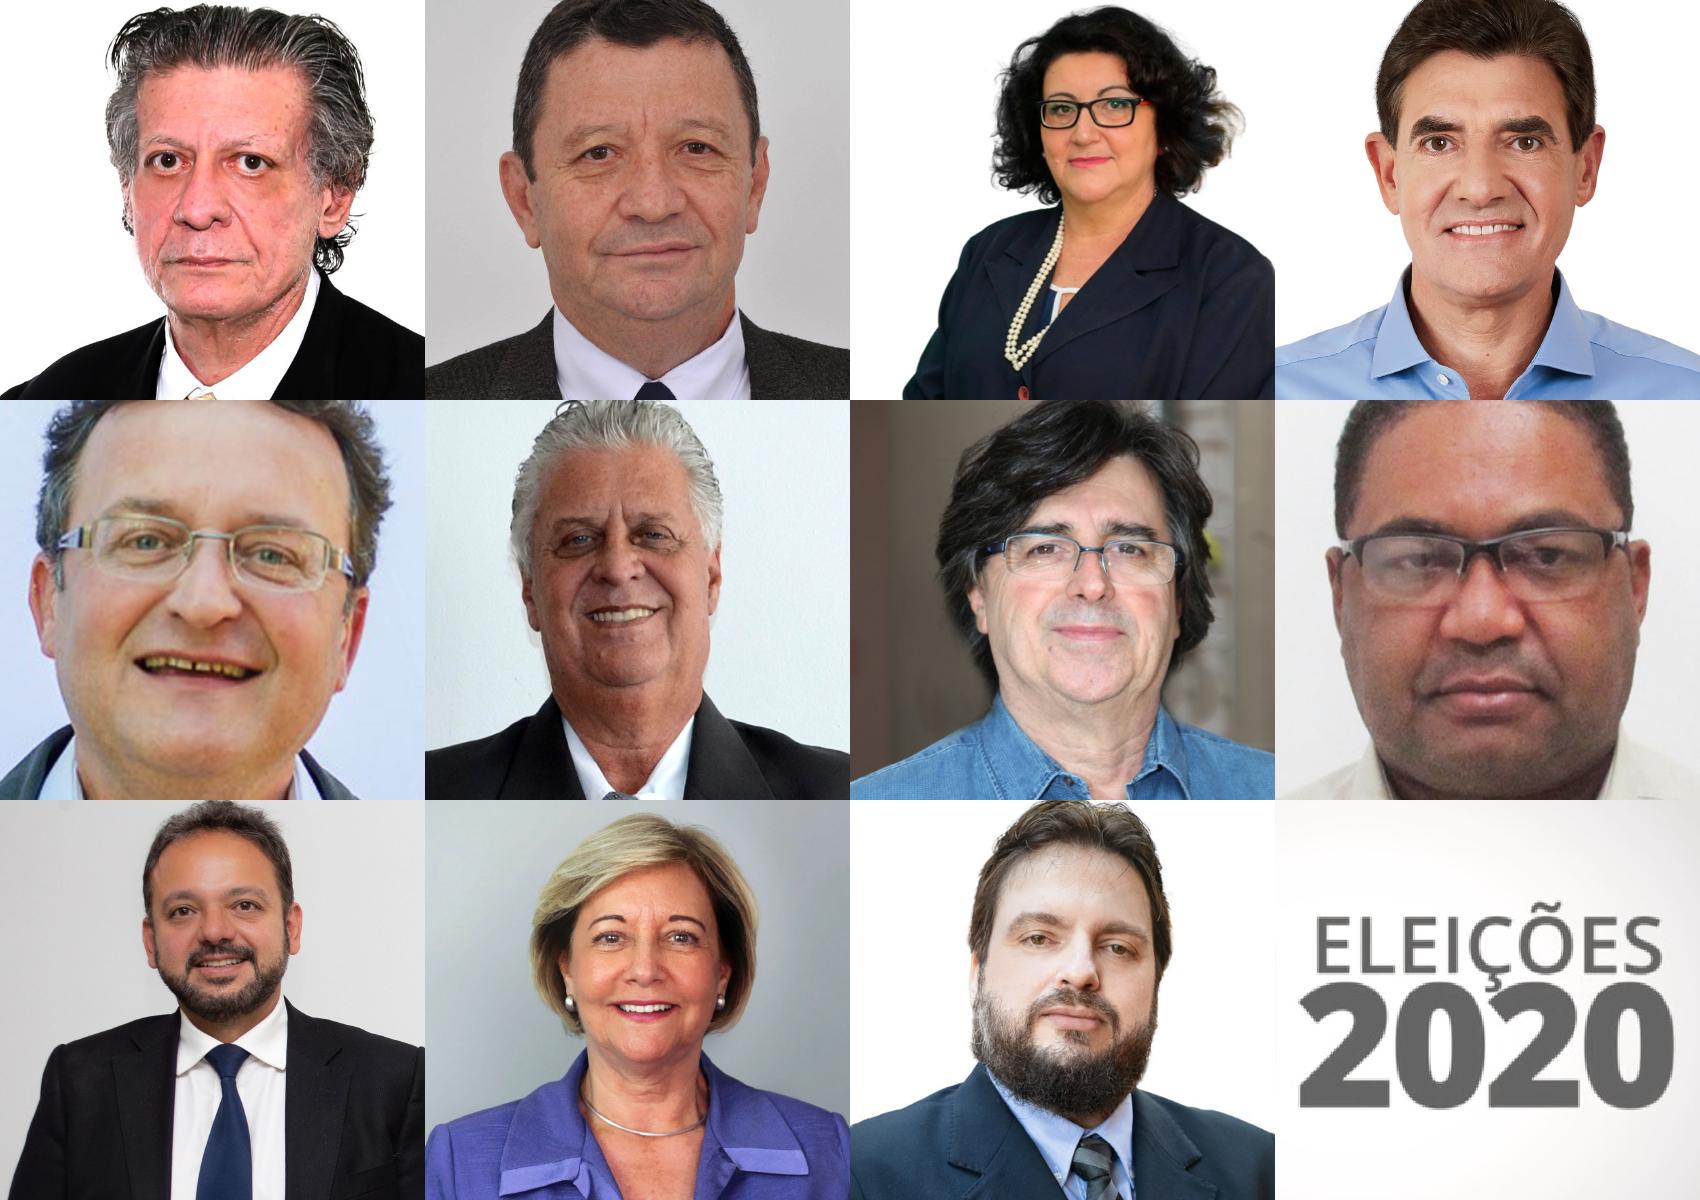 Veja os patrimônios declarados por candidatos à Prefeitura de Ribeirão Preto, SP